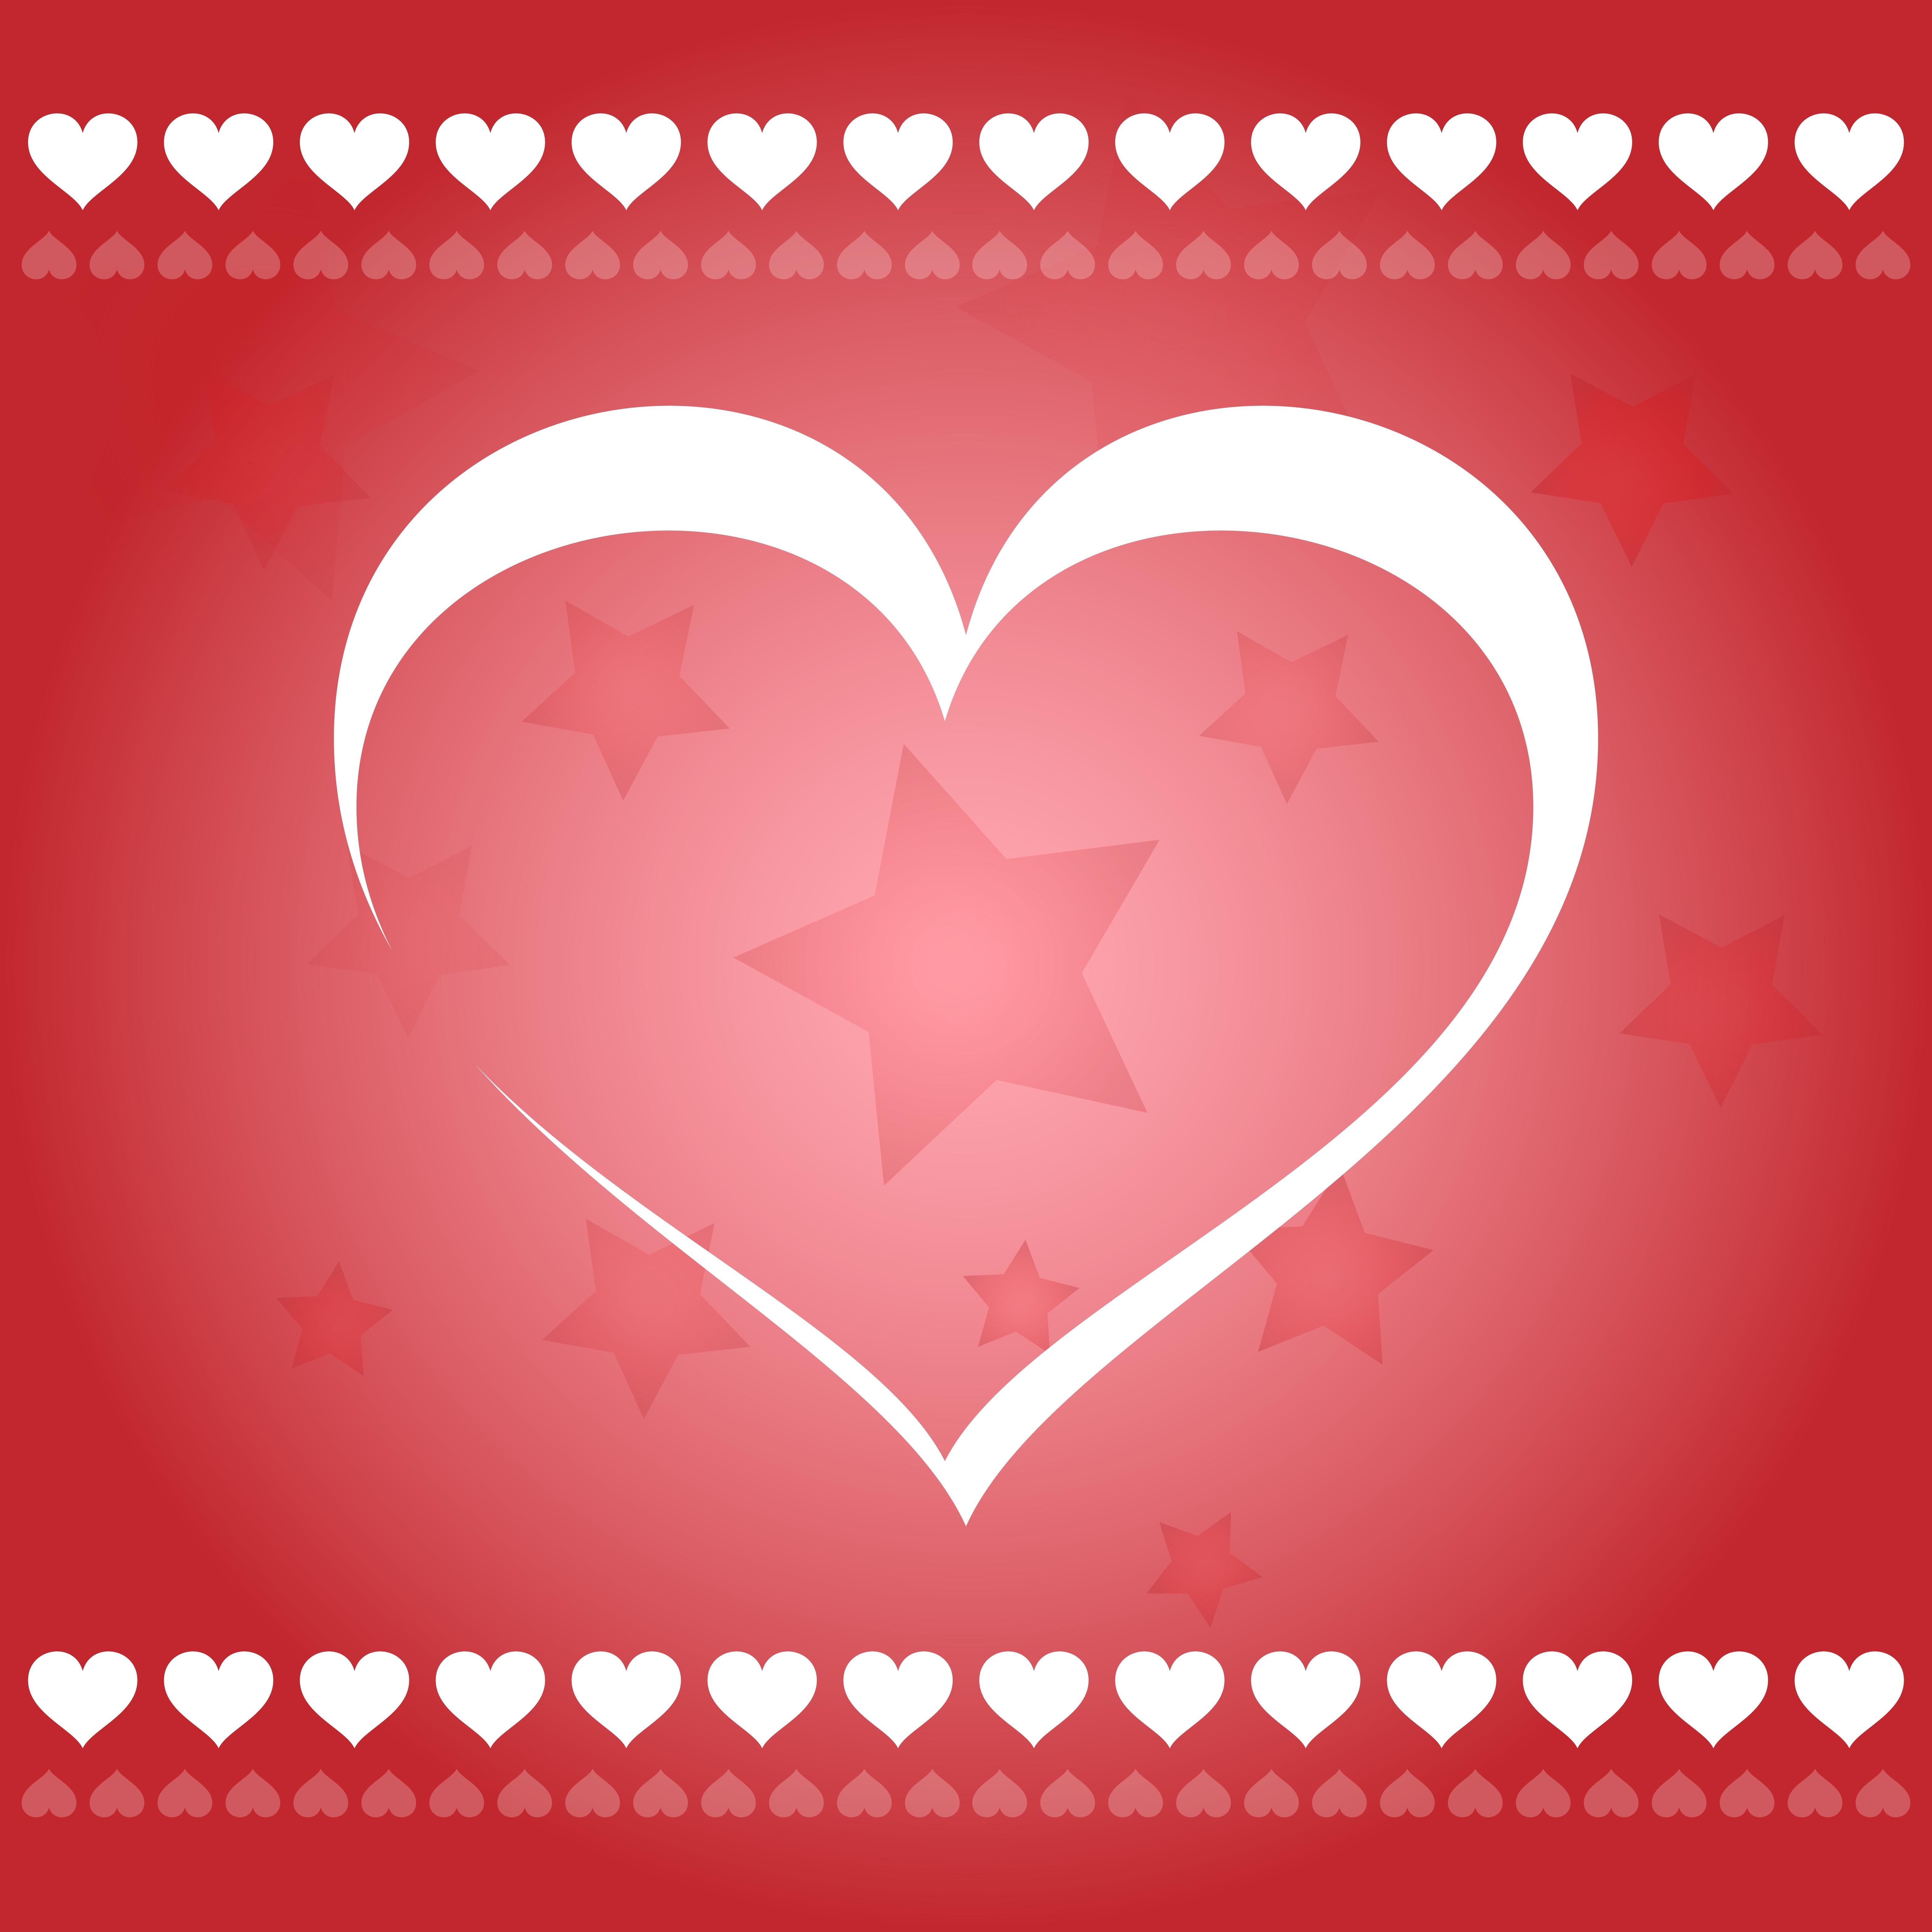 Blütenblatt Liebe Herz Rot Banner Urlaub Kreis Ornament Menschlicher Körper  Schriftart Illustration Entwurf Text Herzen Photoshop